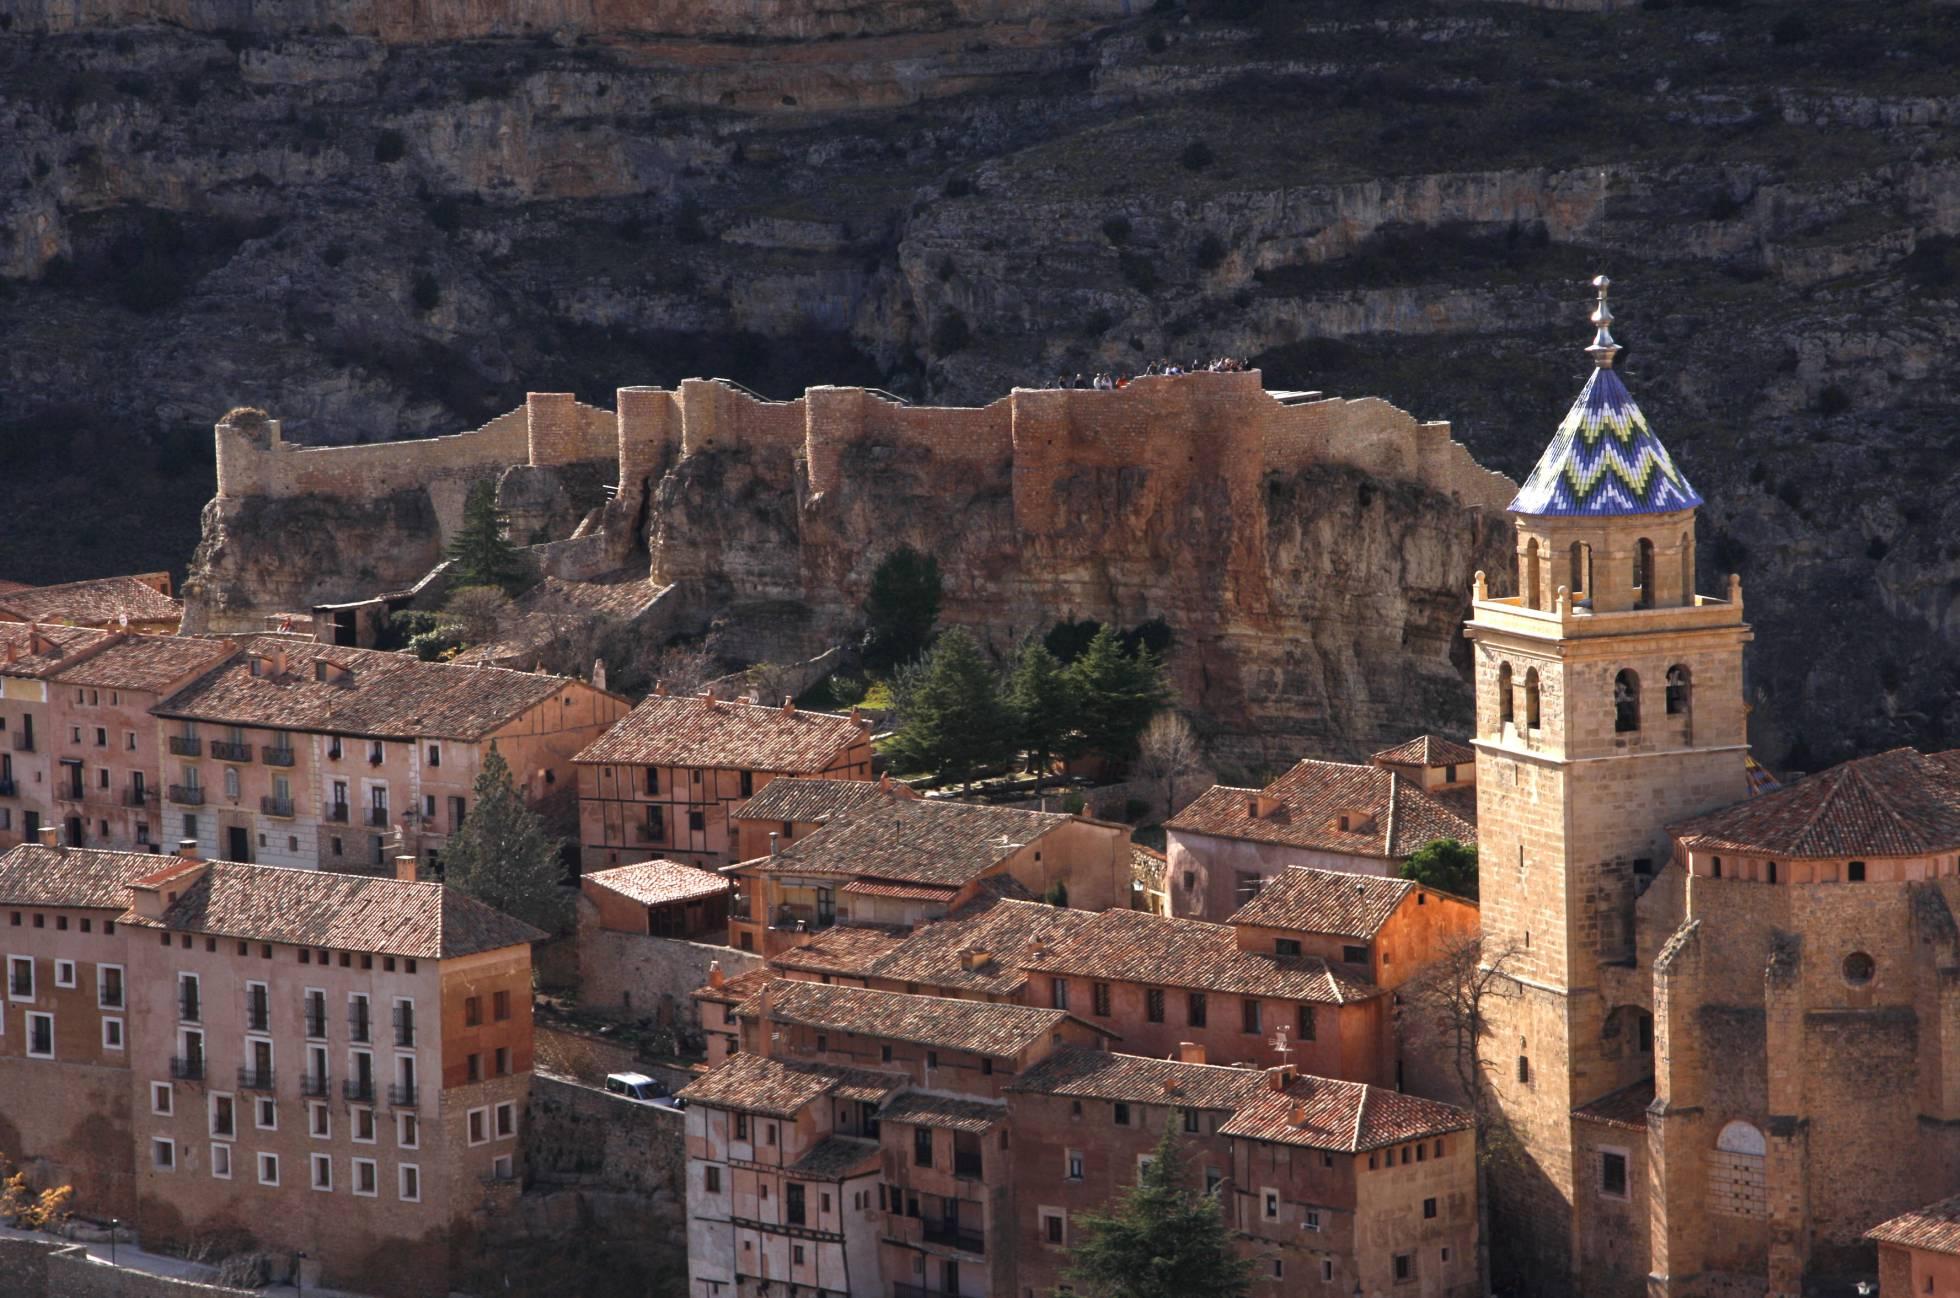 El casco urbano de Albarracín (Teruel), donde ayer se celebró la Asamblea Internacional de la Federación de los Pueblos Más Bonitos del Mundo.ELENA ESLAVA (GETTY). Imagen tomada del  artículo de Julio Llamazares  en El Viajero (El País).